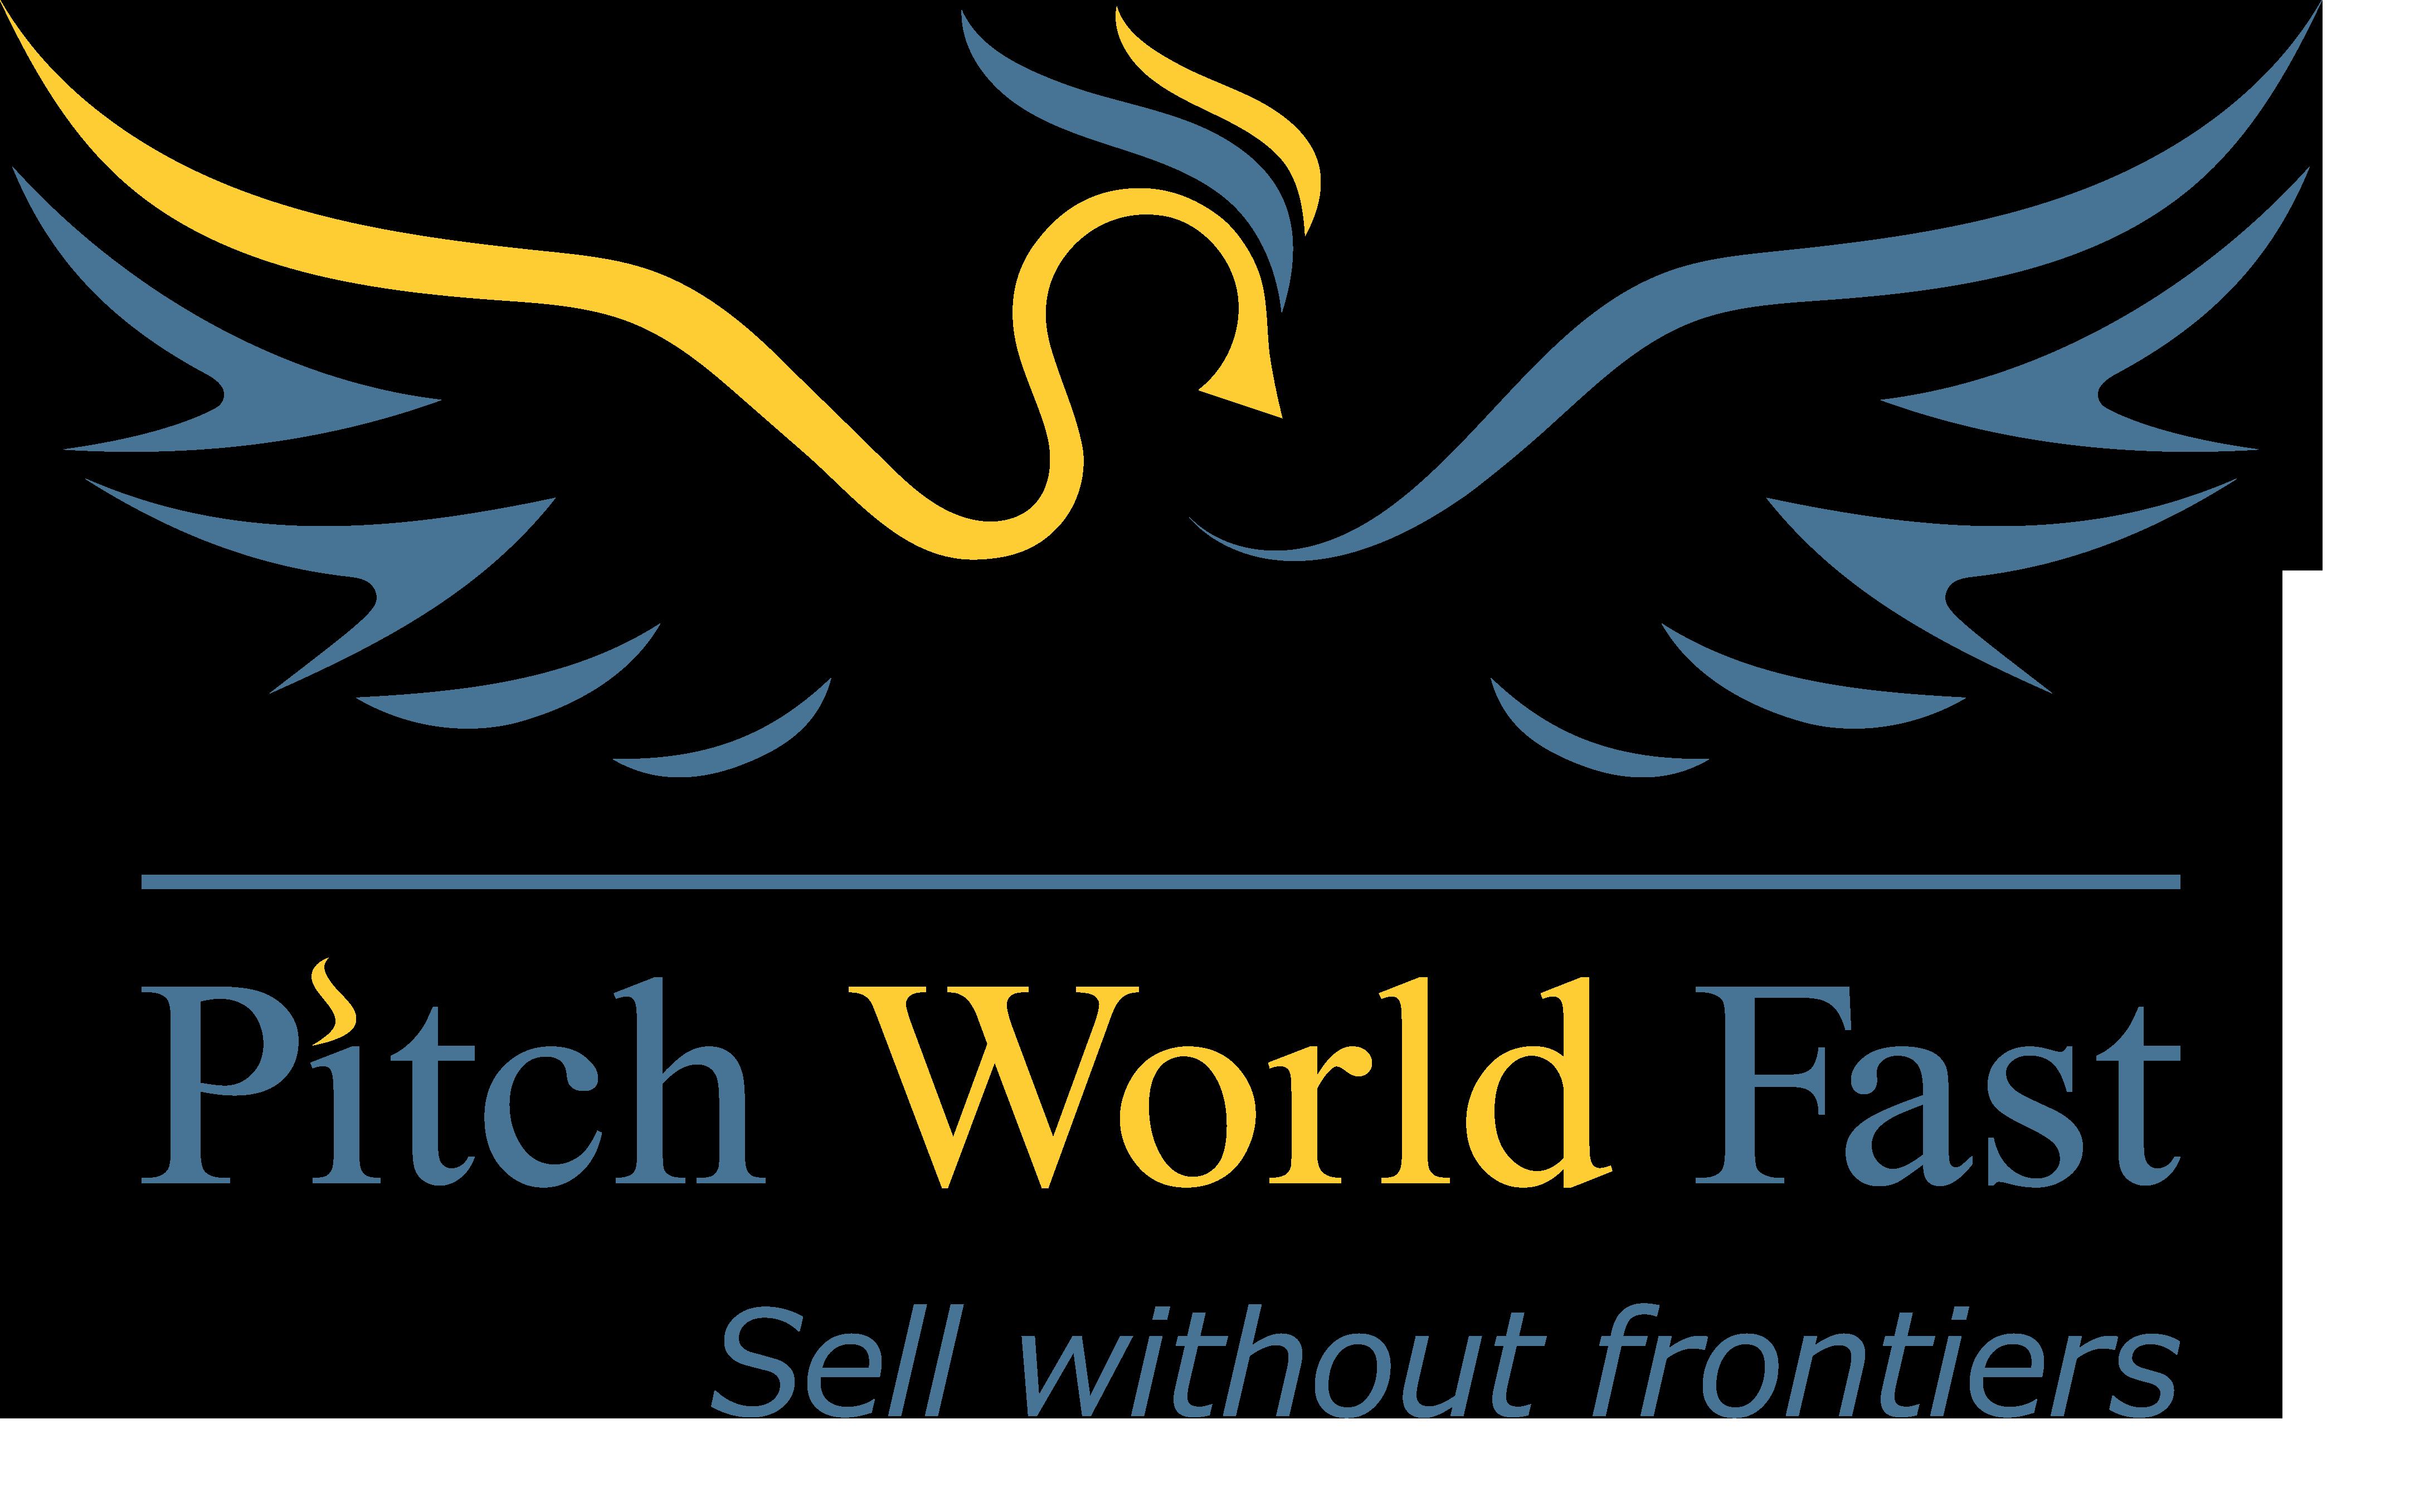 Pitchworldfast